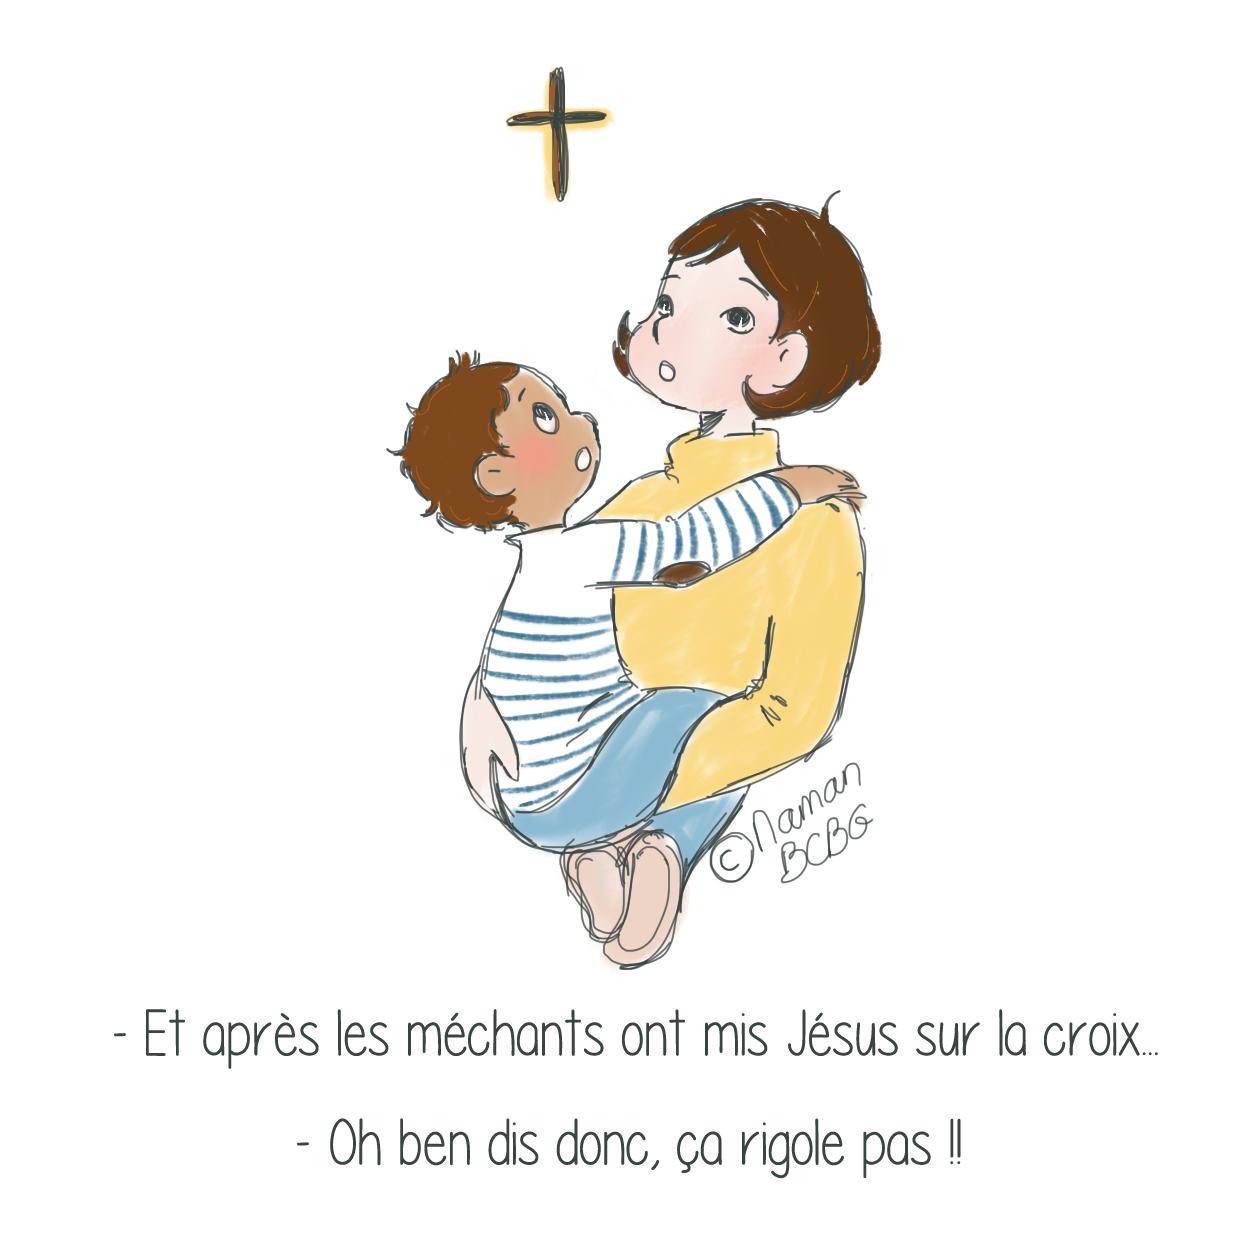 Maman BCBG blog - Ca rigole pas